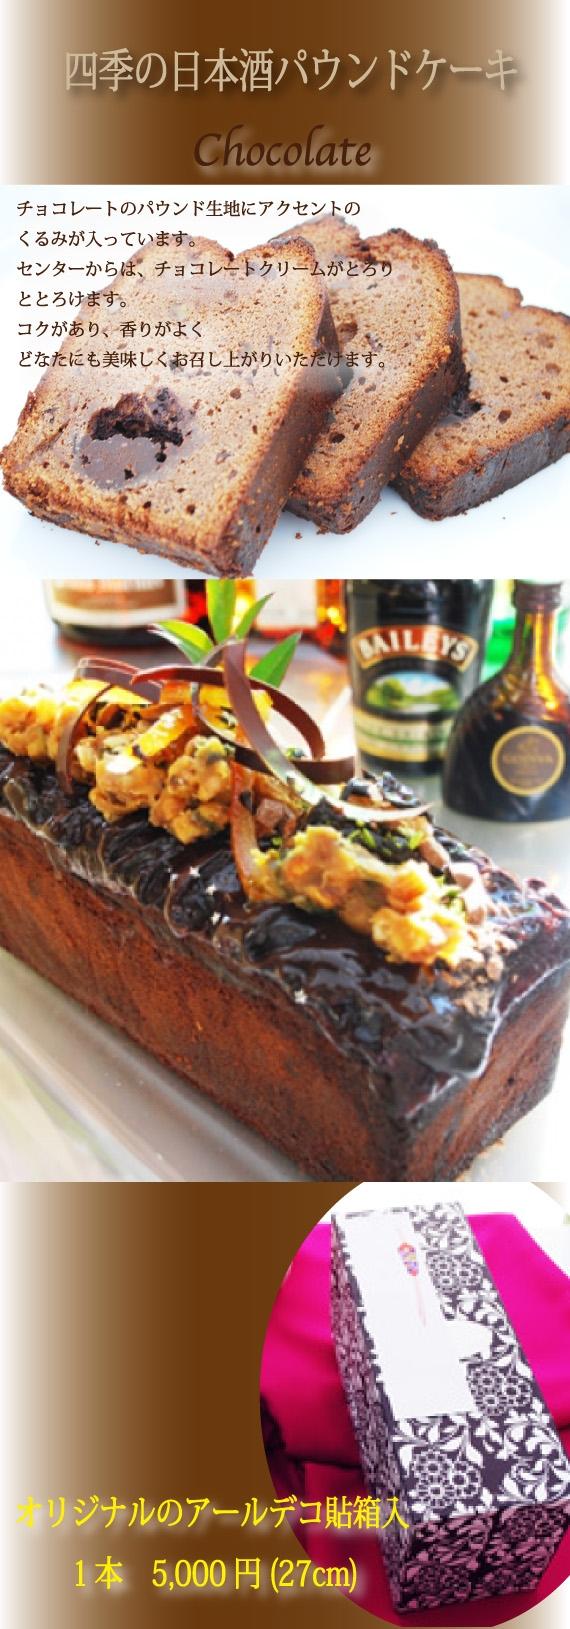 熟成日本酒パウンドケーキ 「ビターチョコレート L」濃厚でしっとり